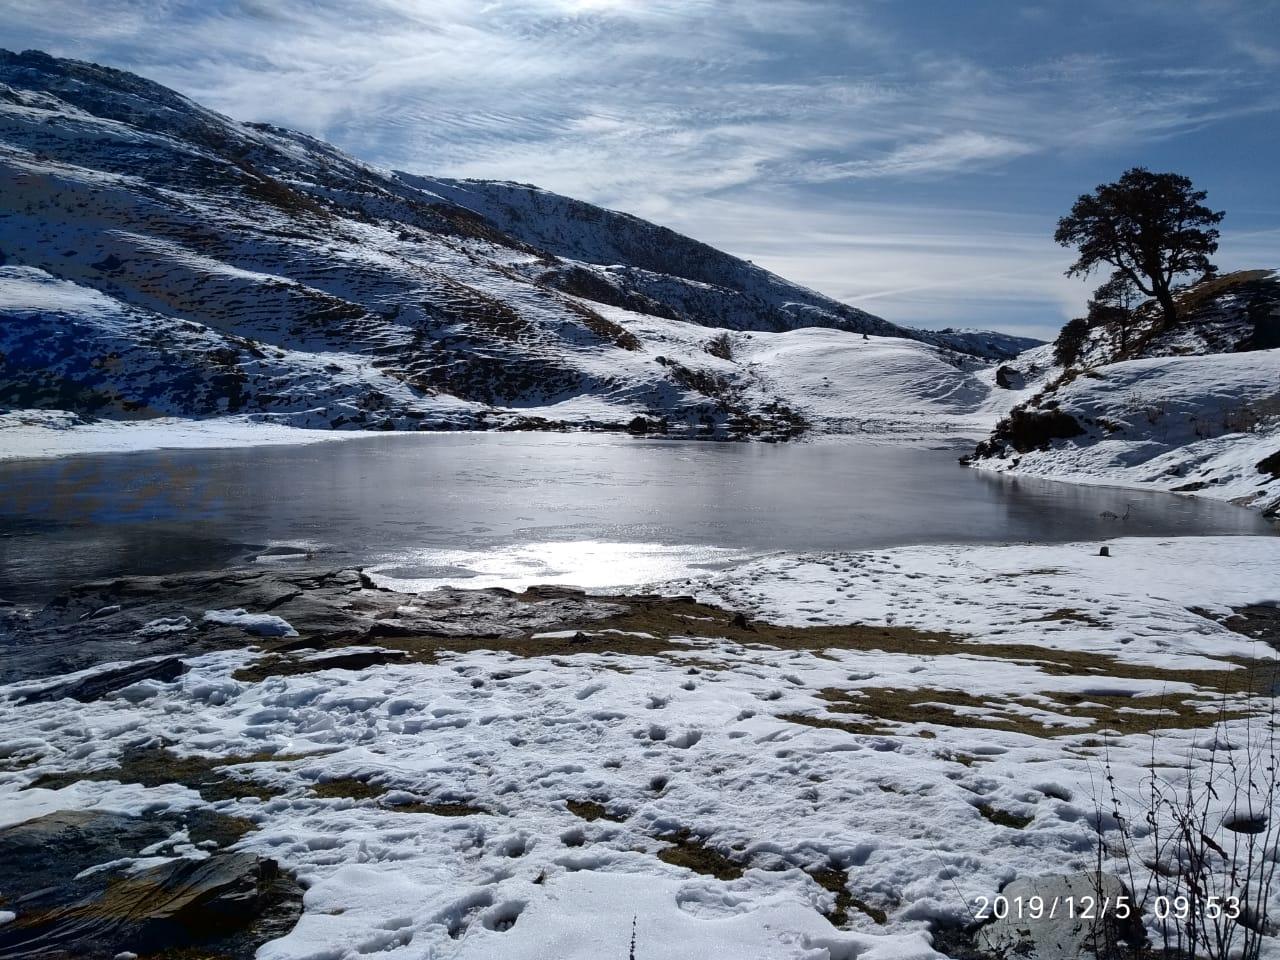 brahmatal lake in december